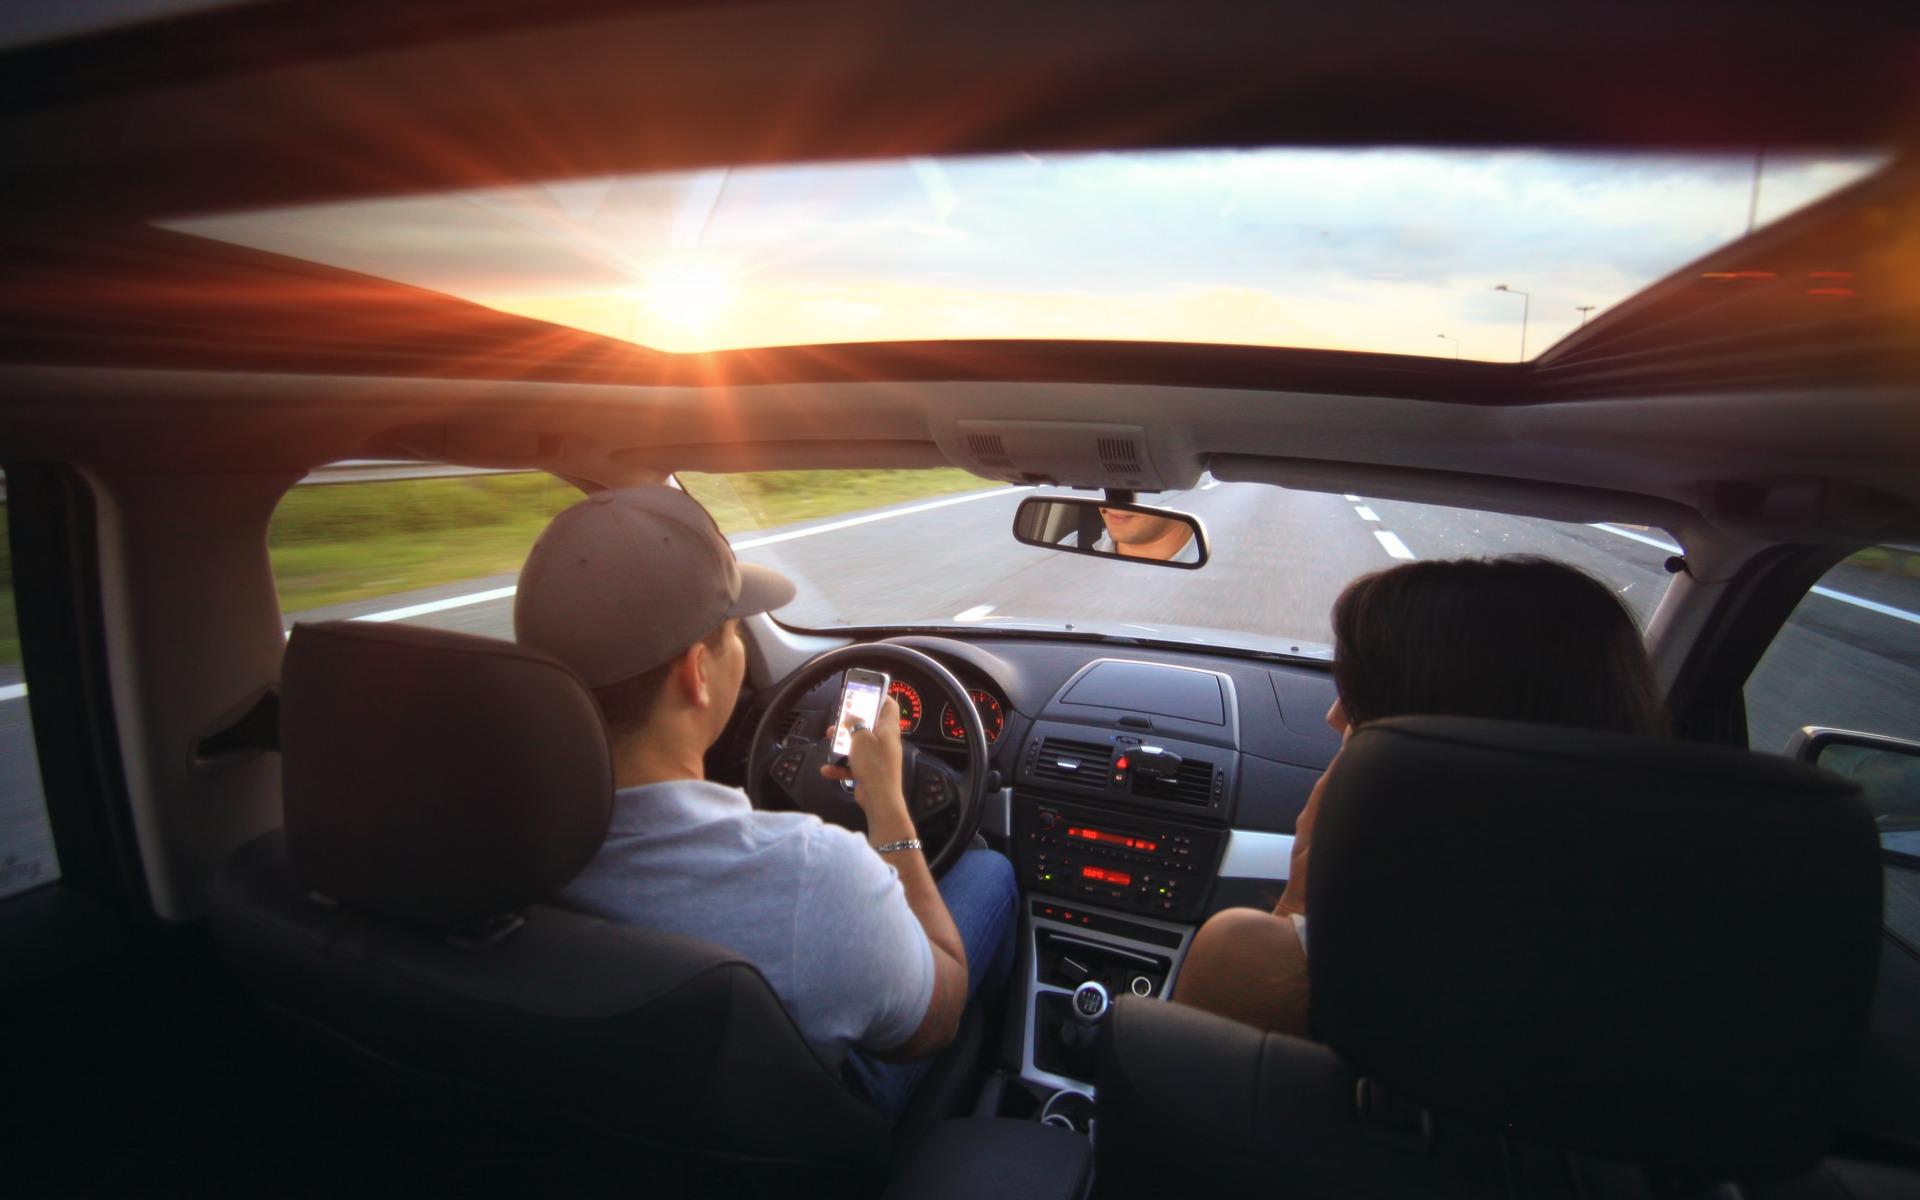 accessoires pour la voiture les appareils bluetooth guide auto. Black Bedroom Furniture Sets. Home Design Ideas